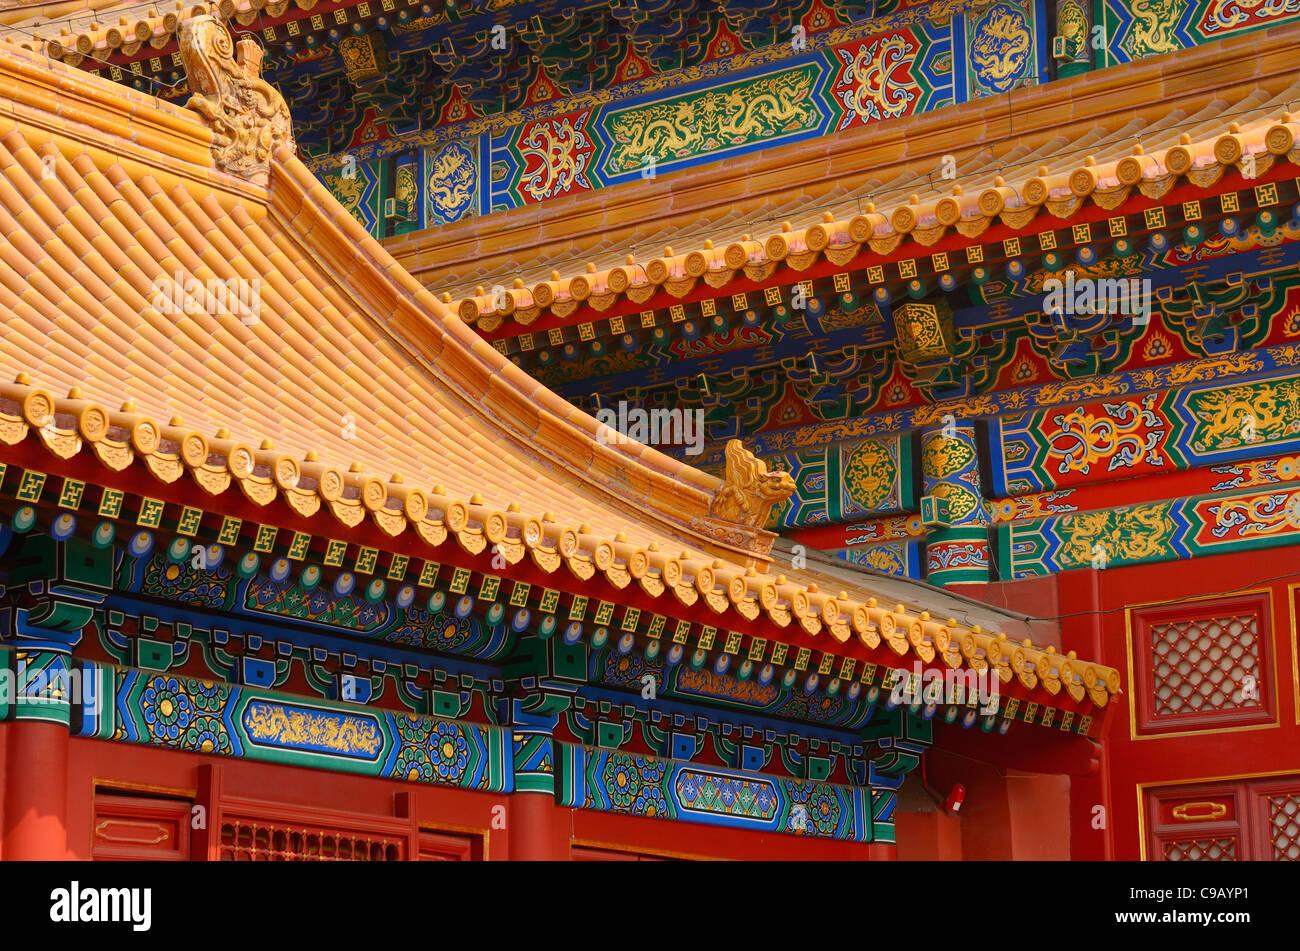 Salón de preservar la armonía detalle del edificio de madera pintada y techo de tejas, Ciudad Prohibida Imagen De Stock